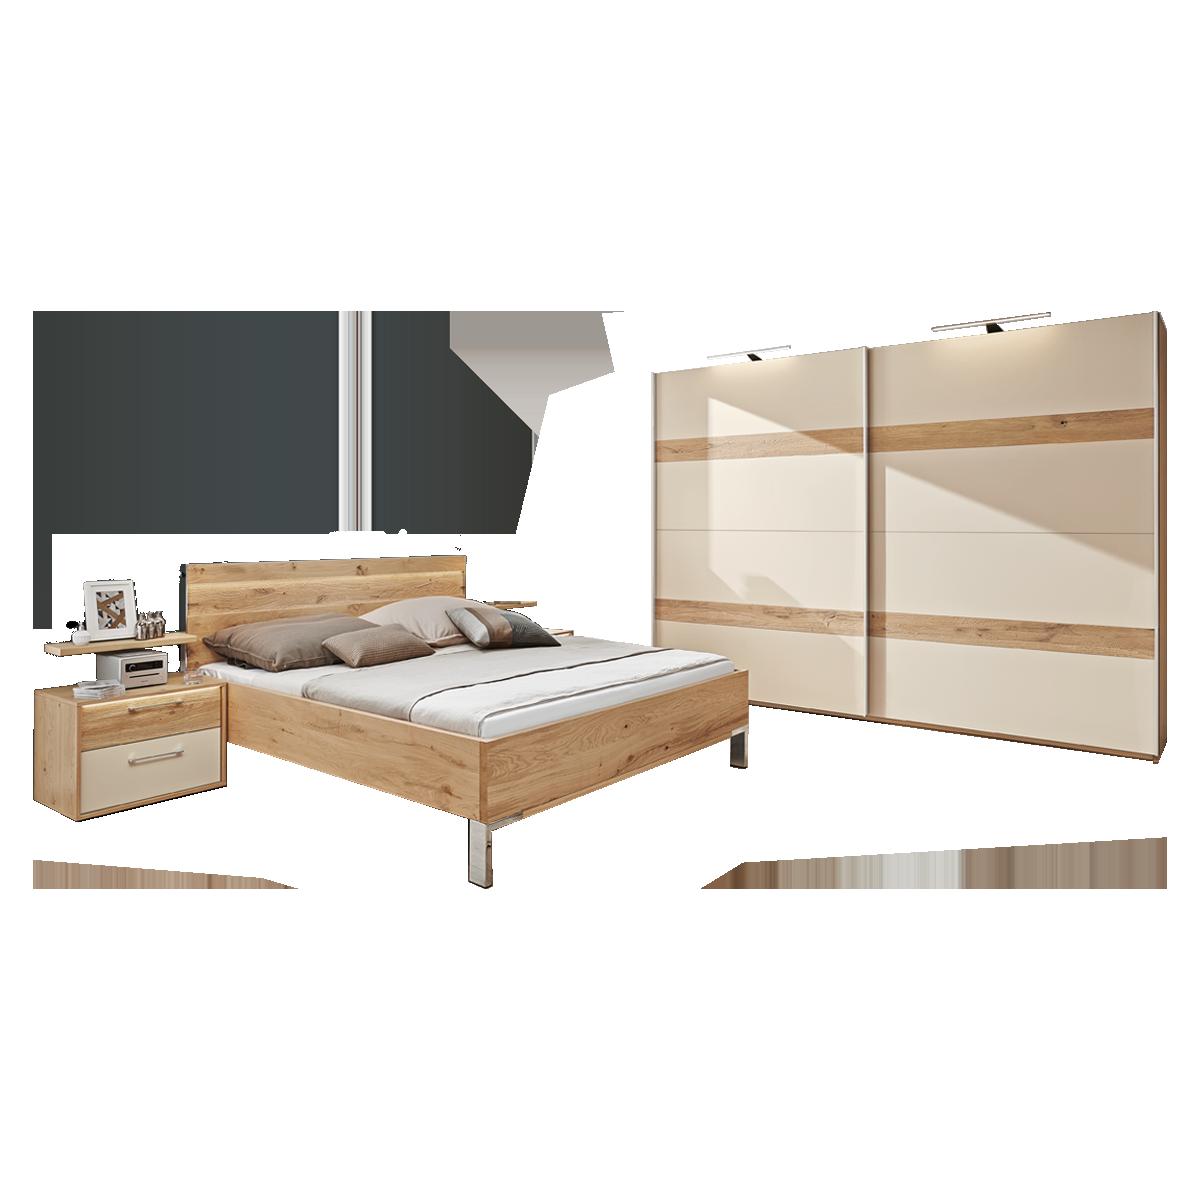 Disselkamp Cadiz Schlafzimmer Bett Nachtkommoden Schwebeturenschrank